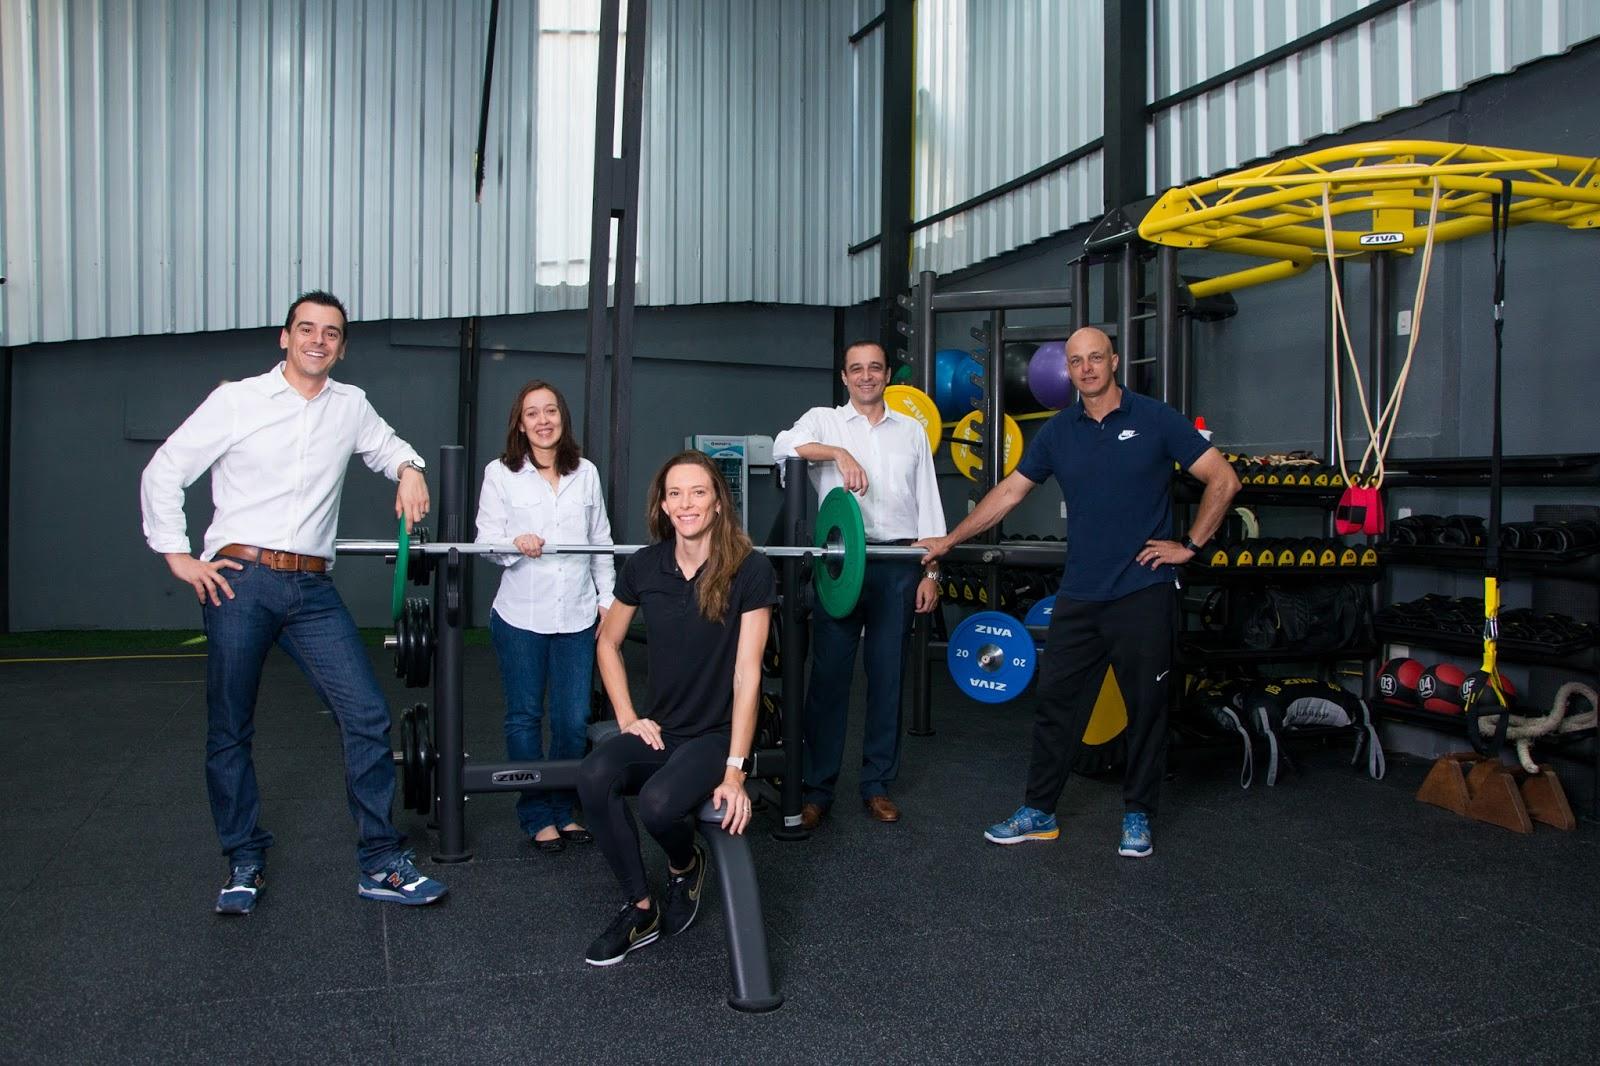 0ea413a97 Ex-atleta Fabiana Murer inaugura Instituto de Saúde em São Paulo com  equipamentos Life Fitness